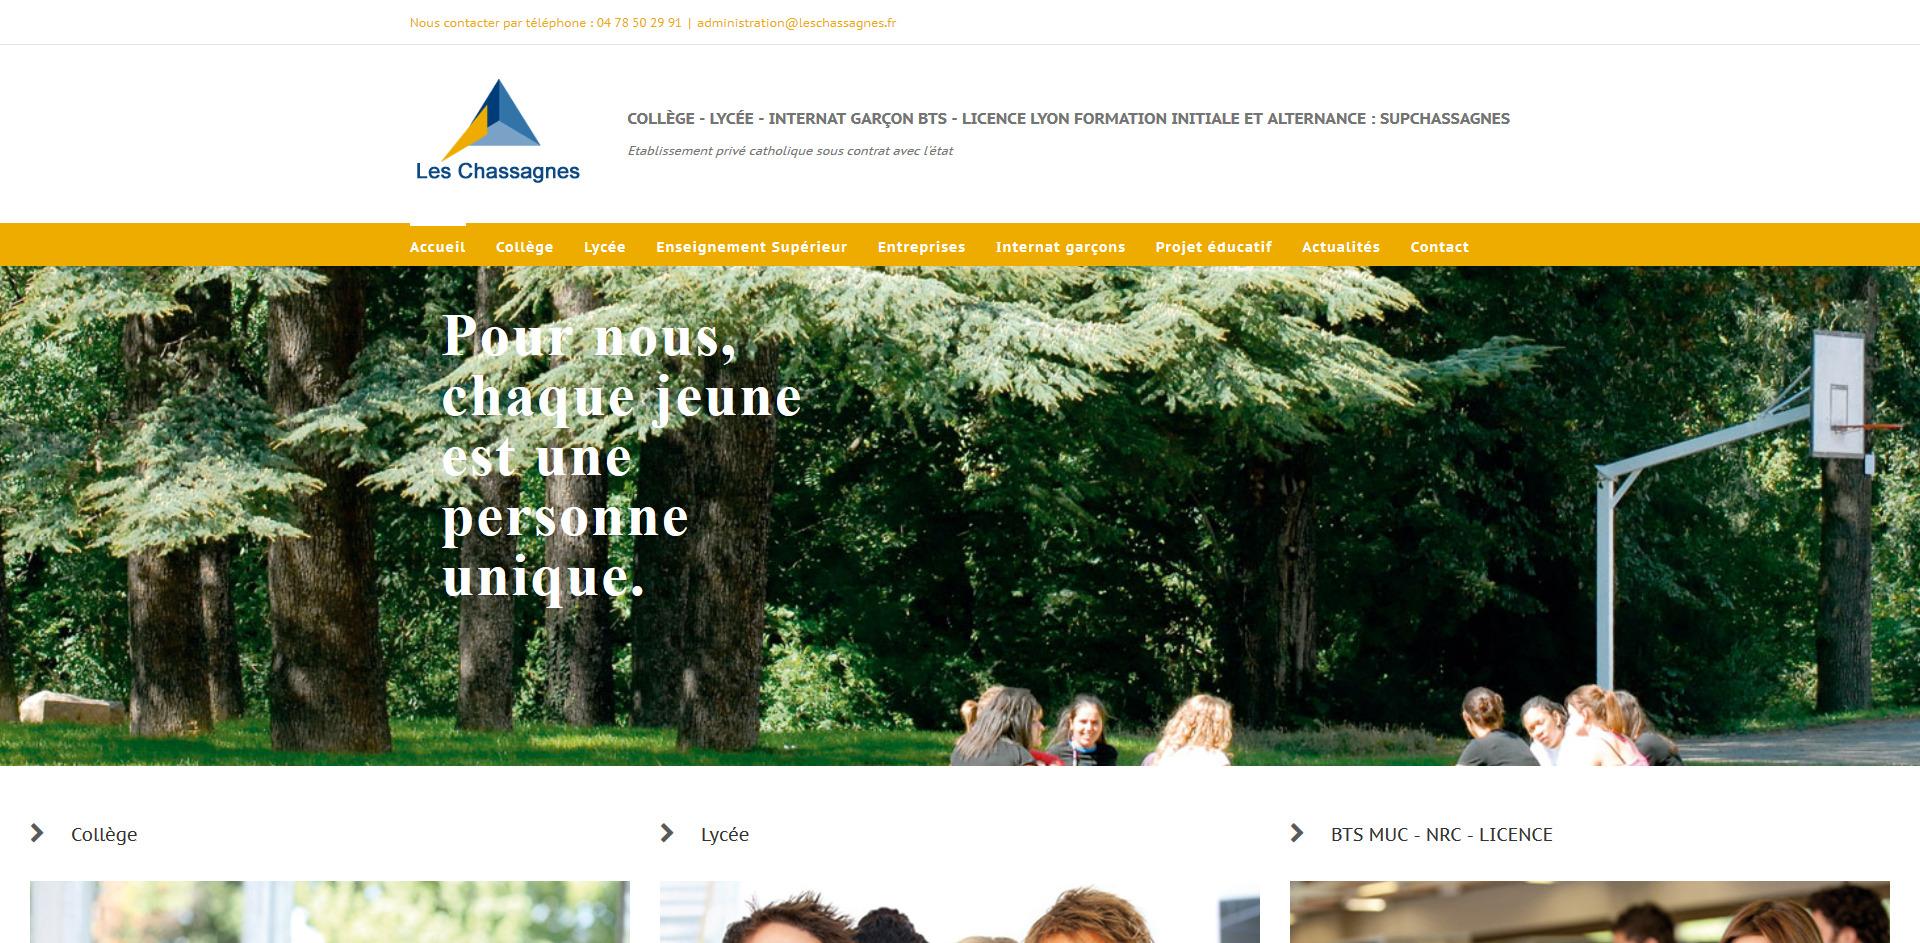 les chassagnes, oullins , leasy concept, louer mon site, location de site, vente de site internet, site web, lyon, rhone alpes, creation de site internet